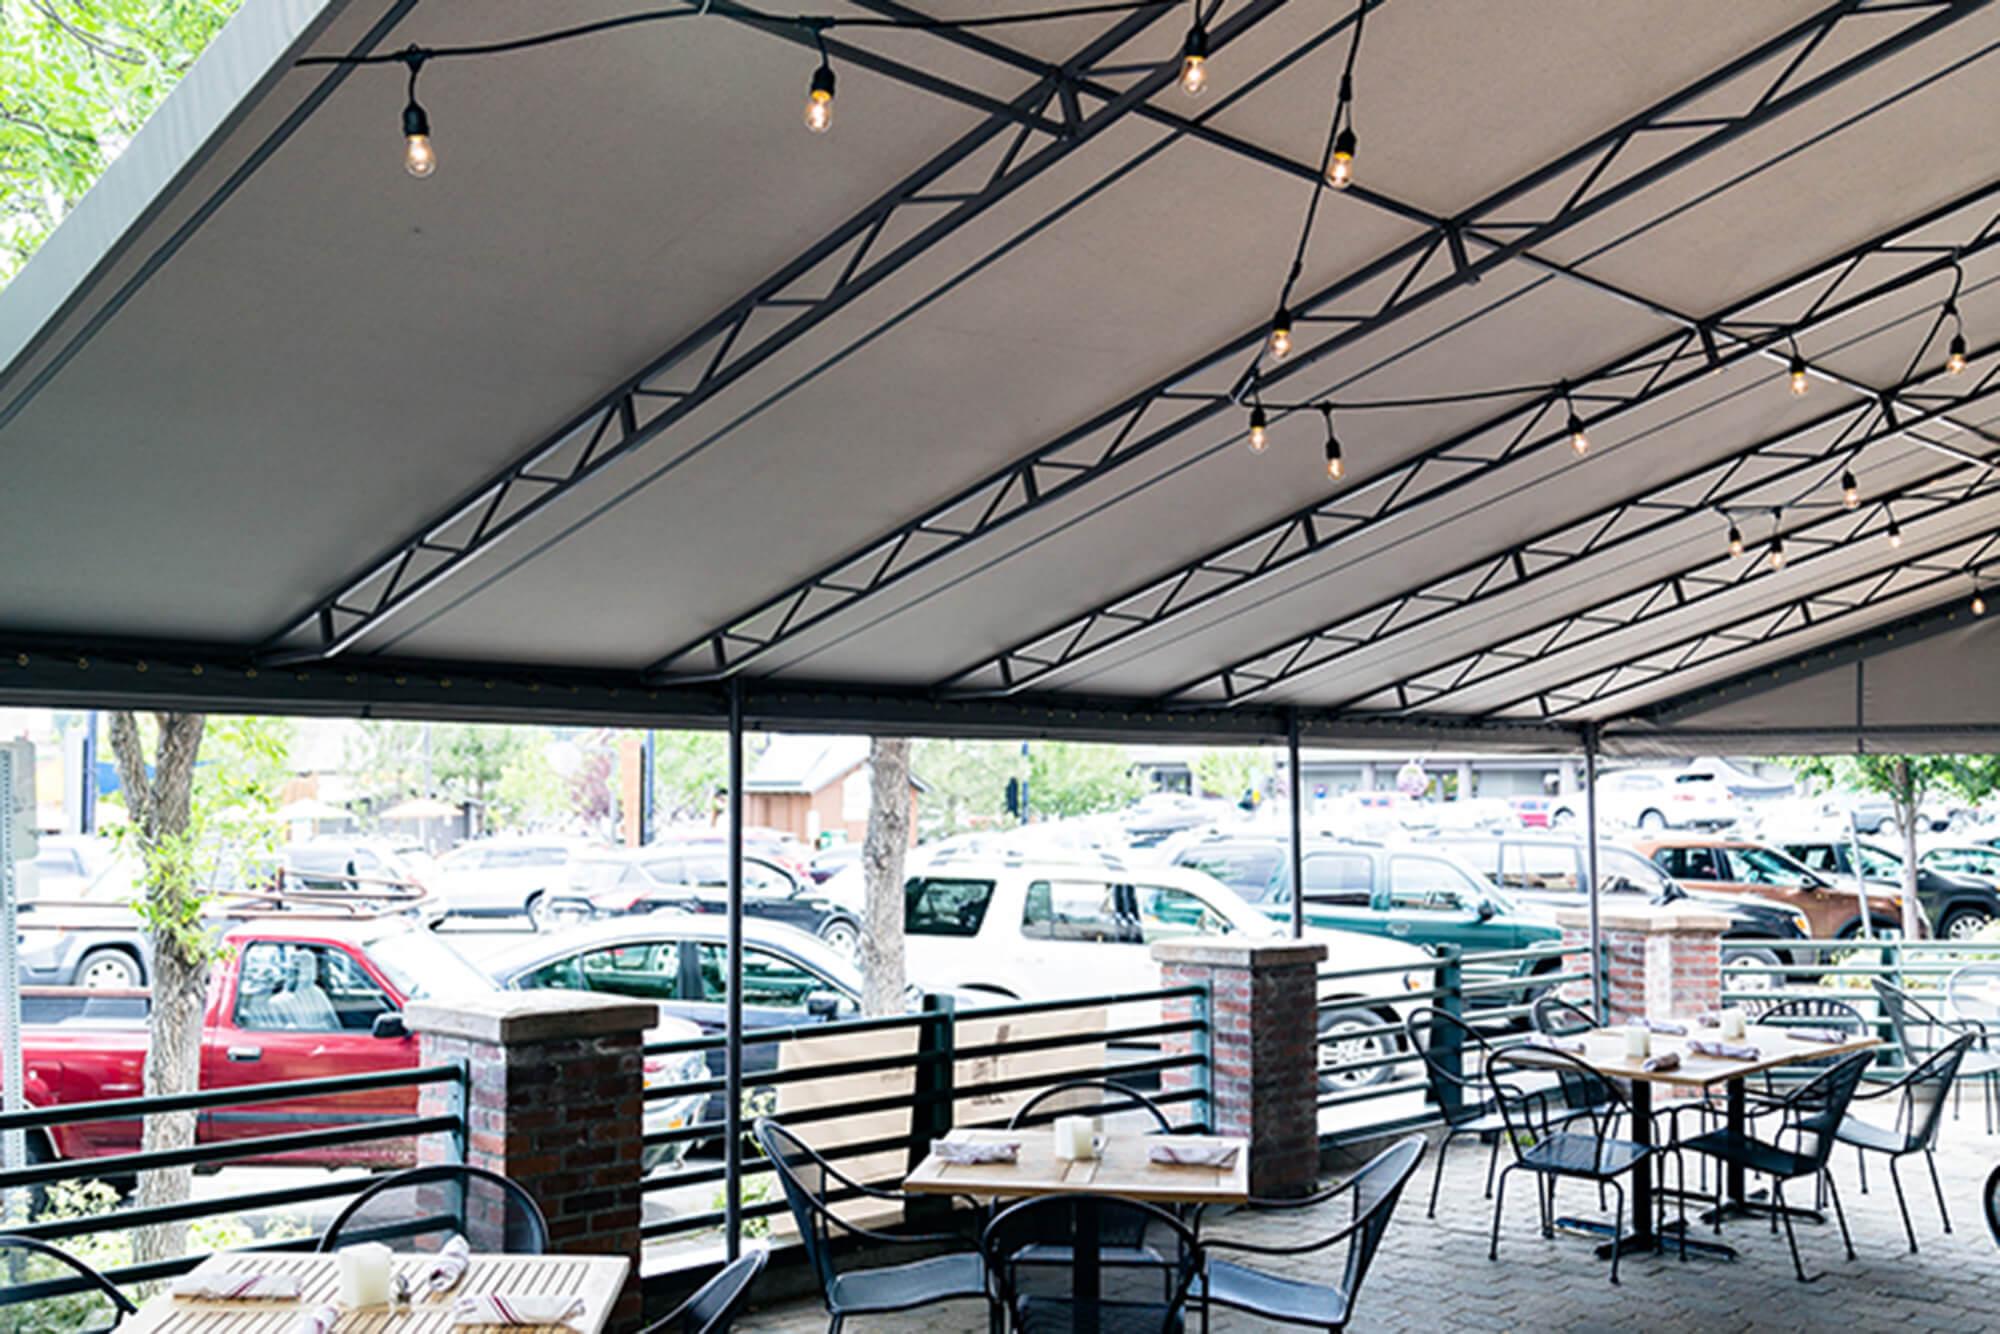 遮盖餐馆露台的遮阳蓬底部的视图